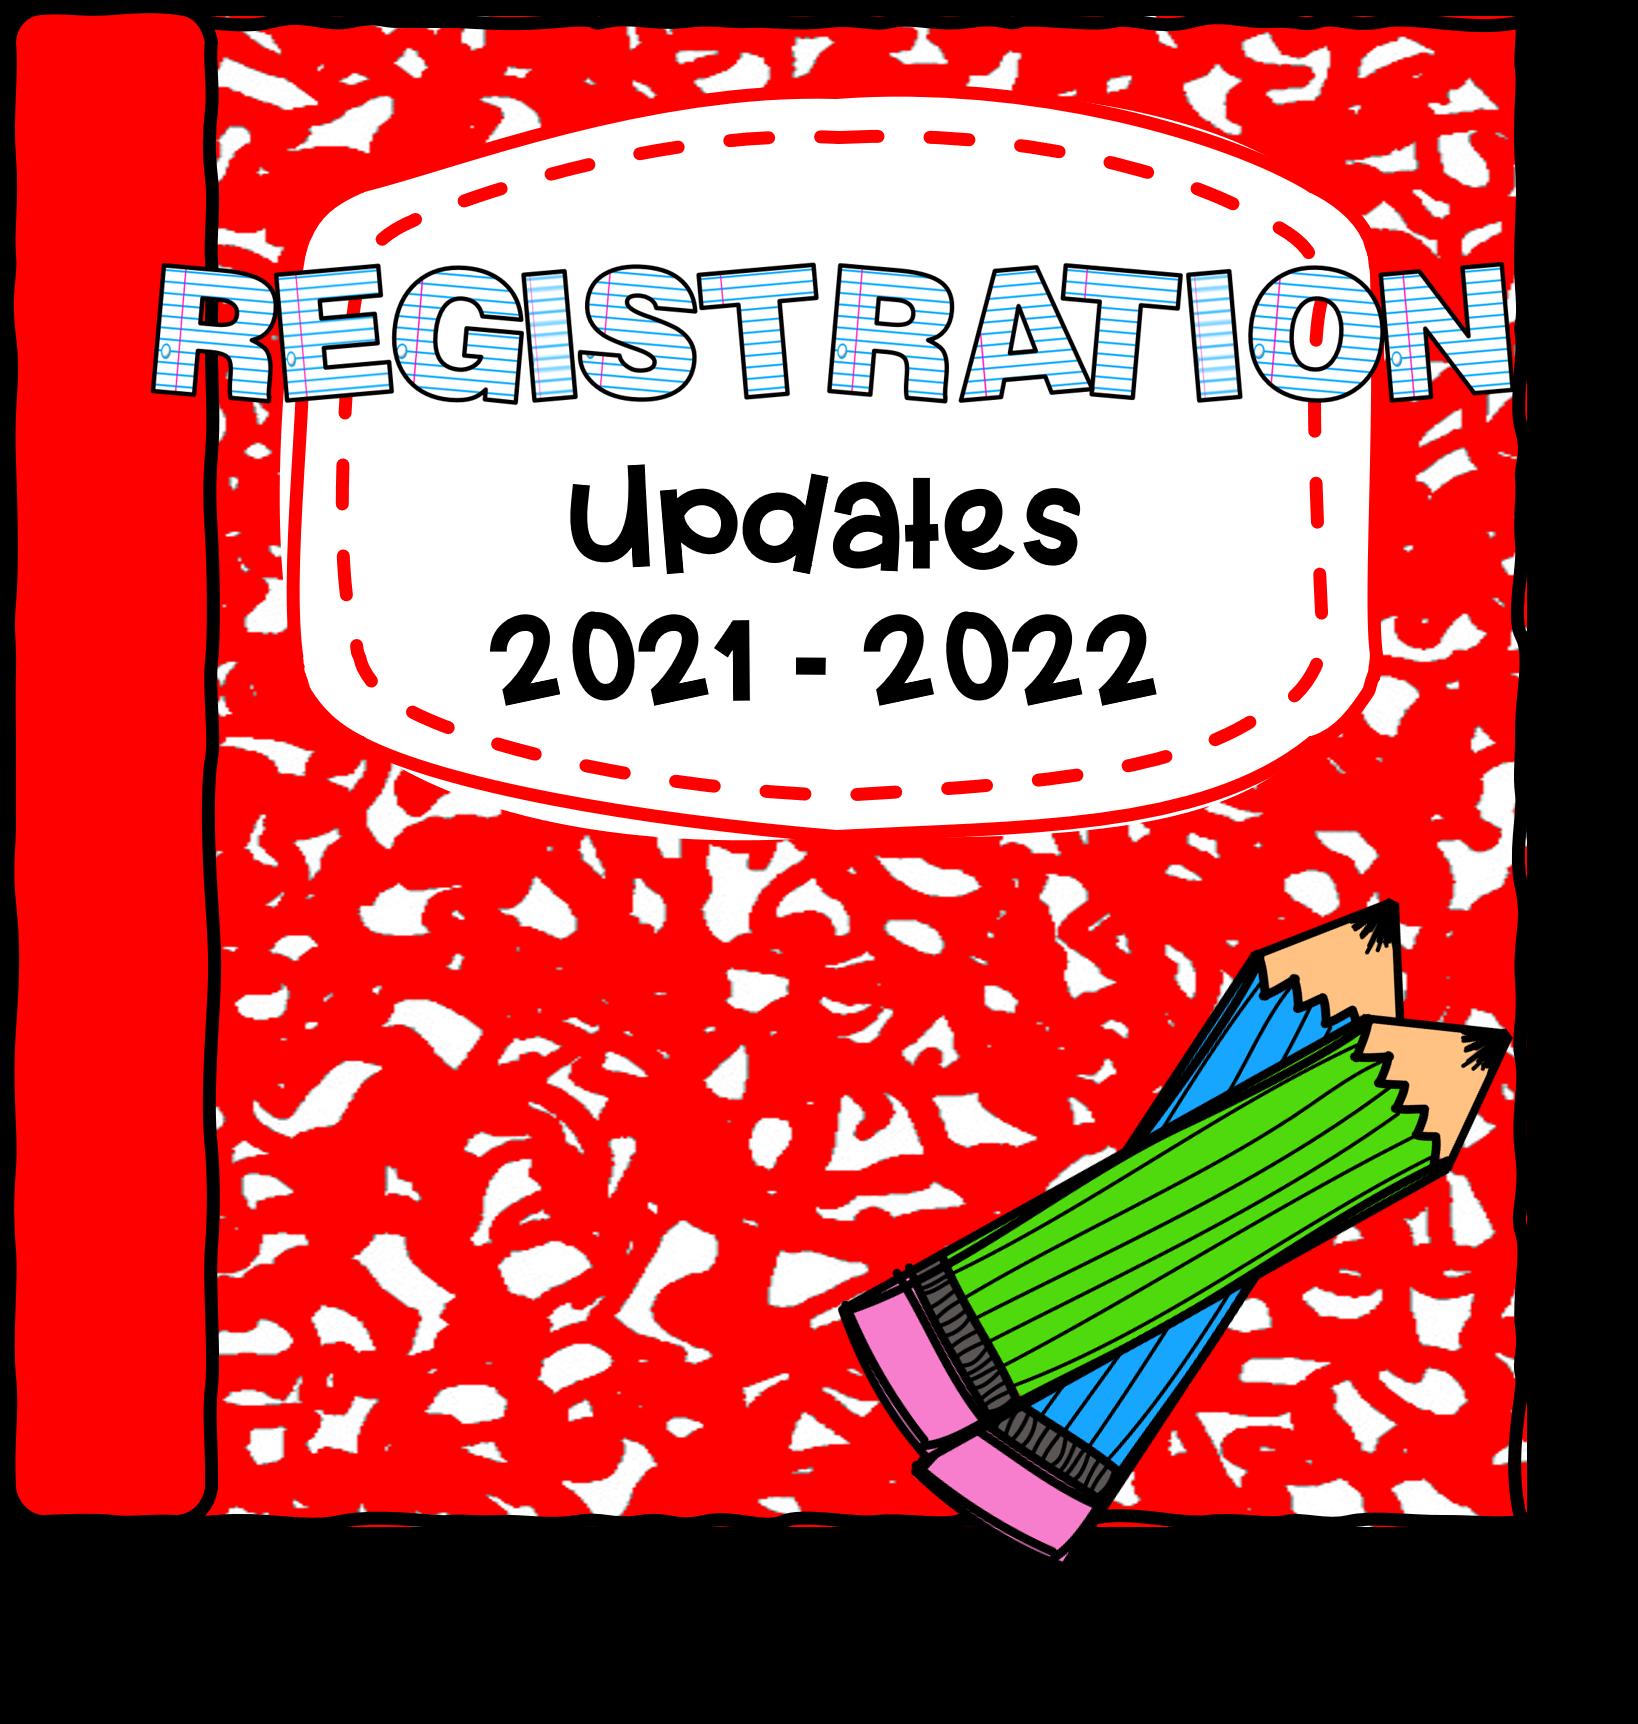 Registration Updates 2021 - 2022